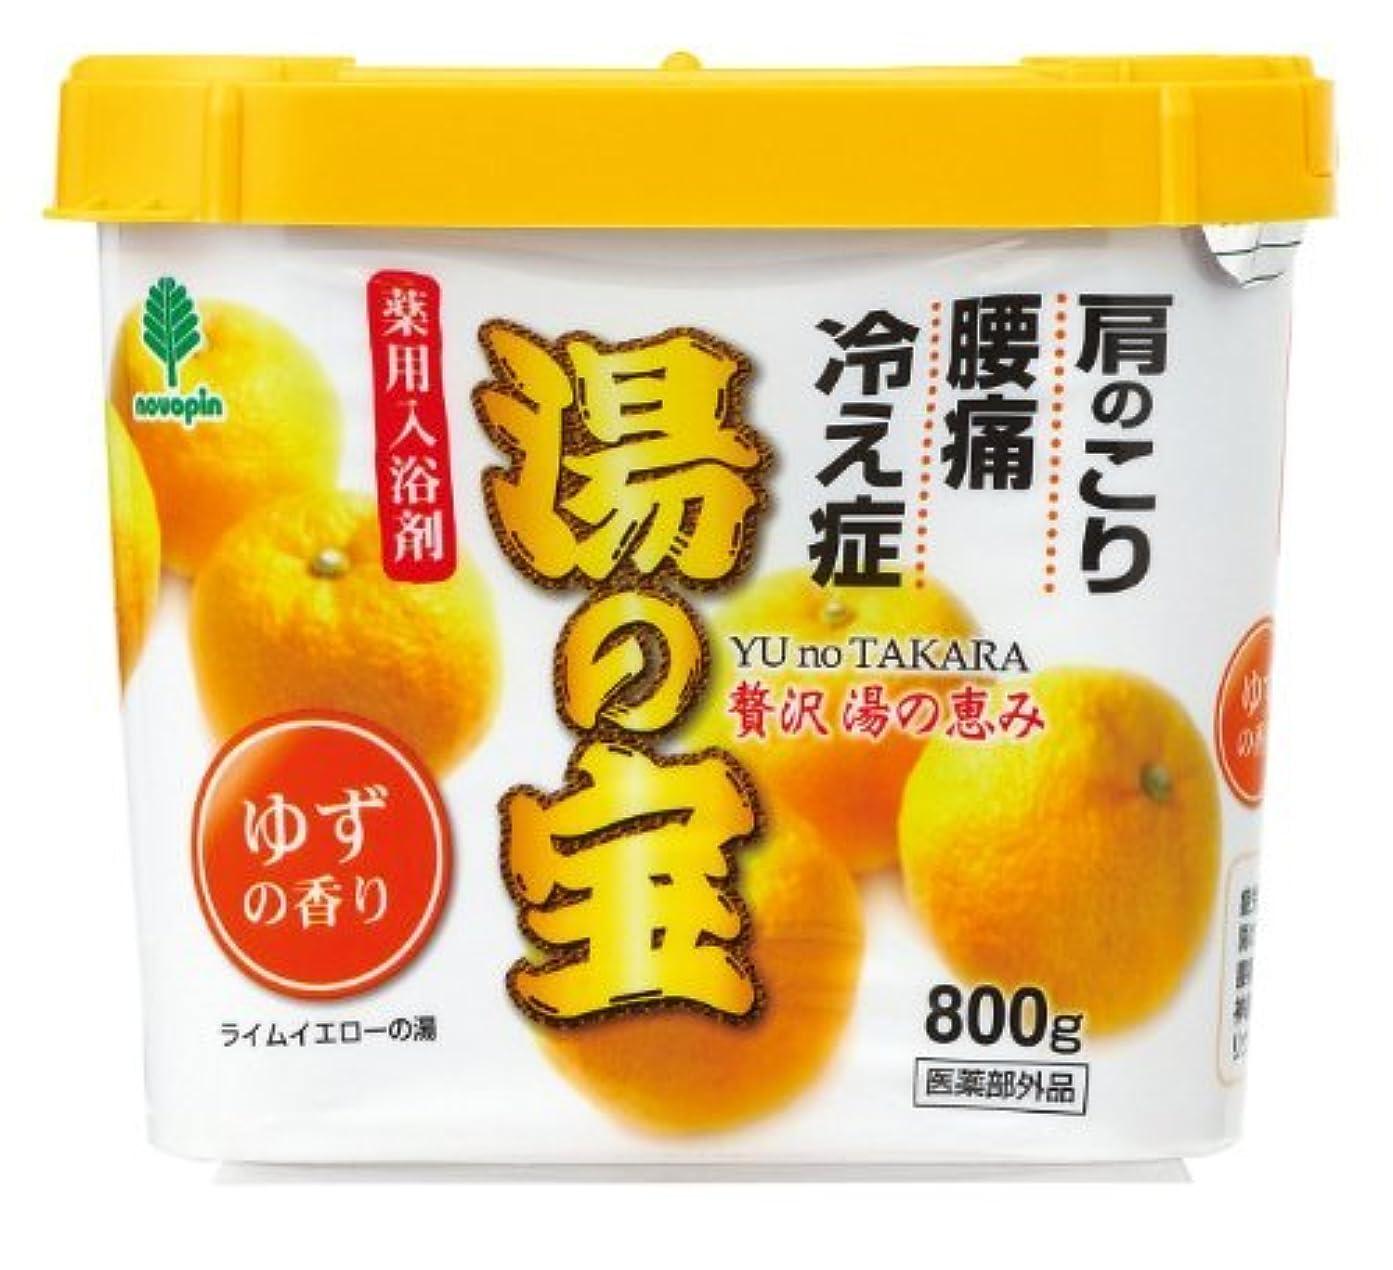 中止しますフォーラムルー紀陽除虫菊 湯の宝 ゆずの香り 800g【まとめ買い16個セット】 N-0054